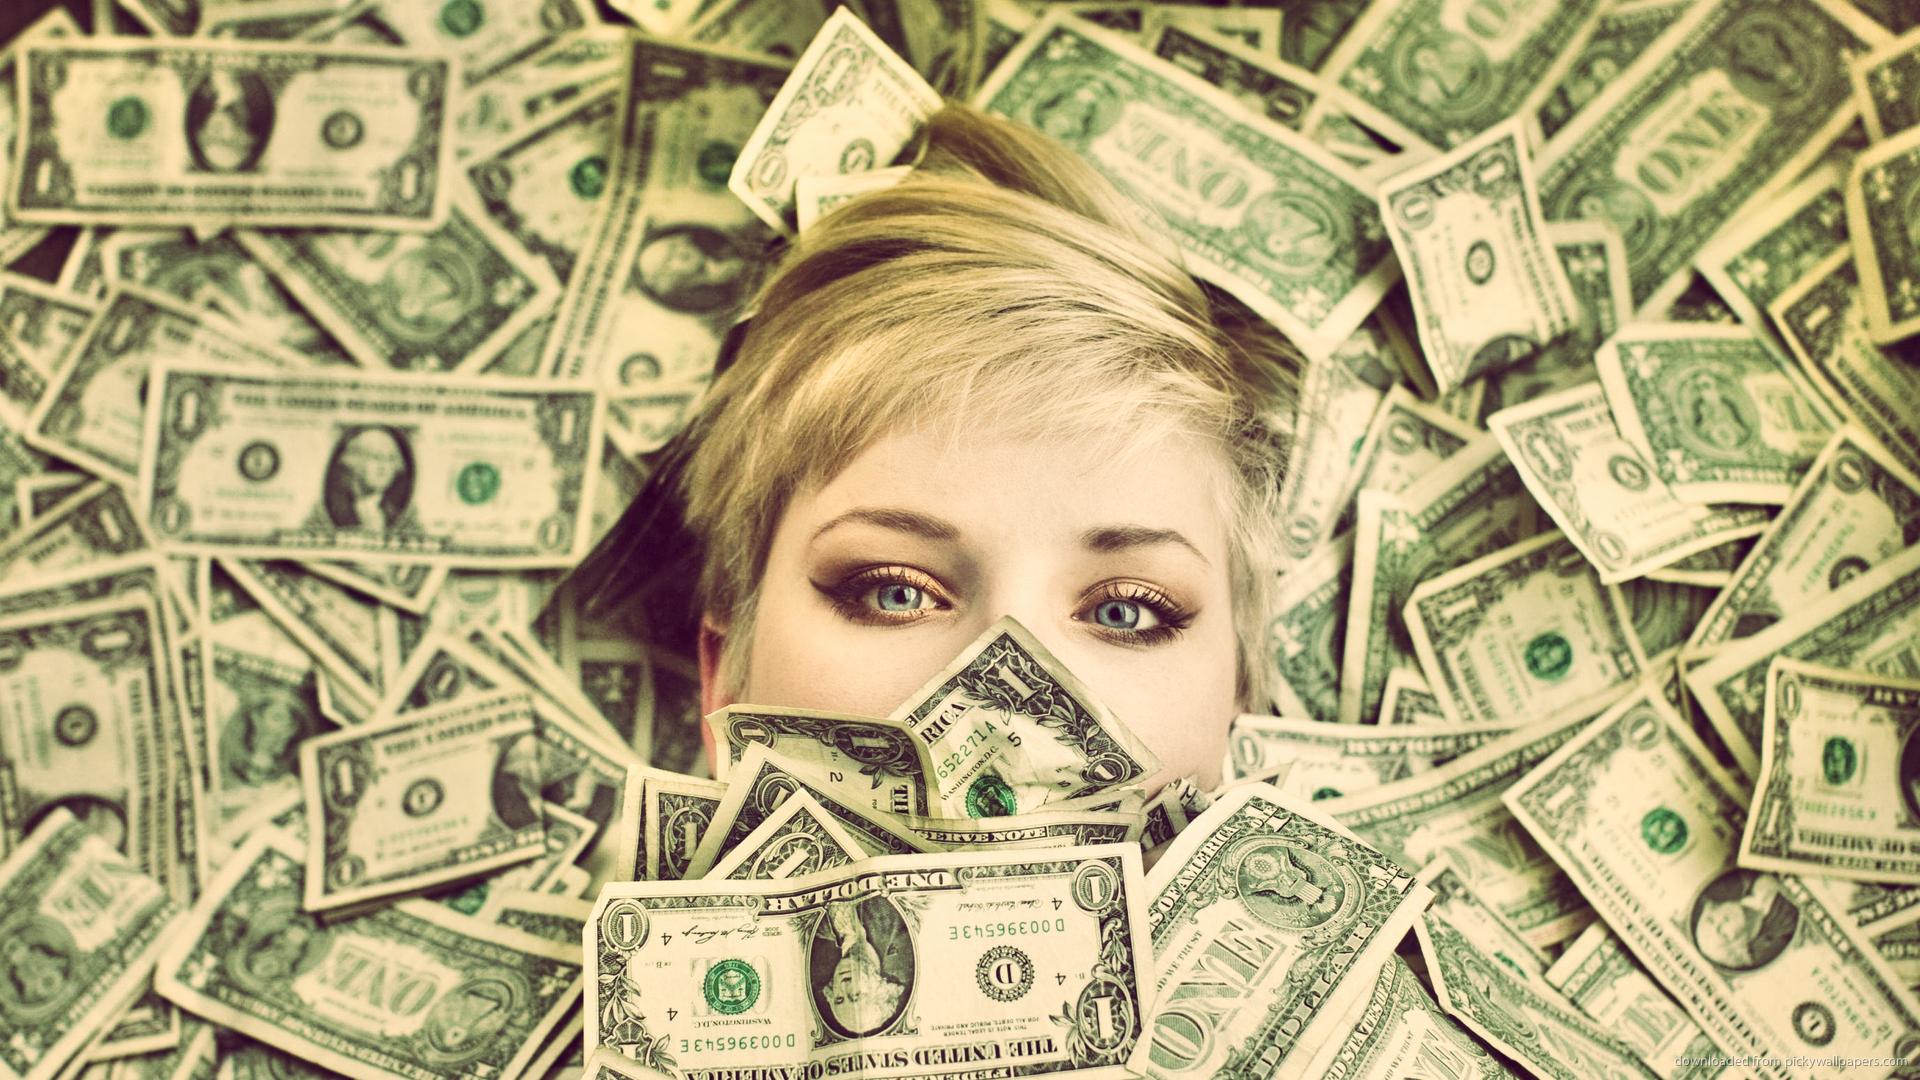 Связь секса с деньгами, Секс и деньги: что между ними общего? 21 фотография